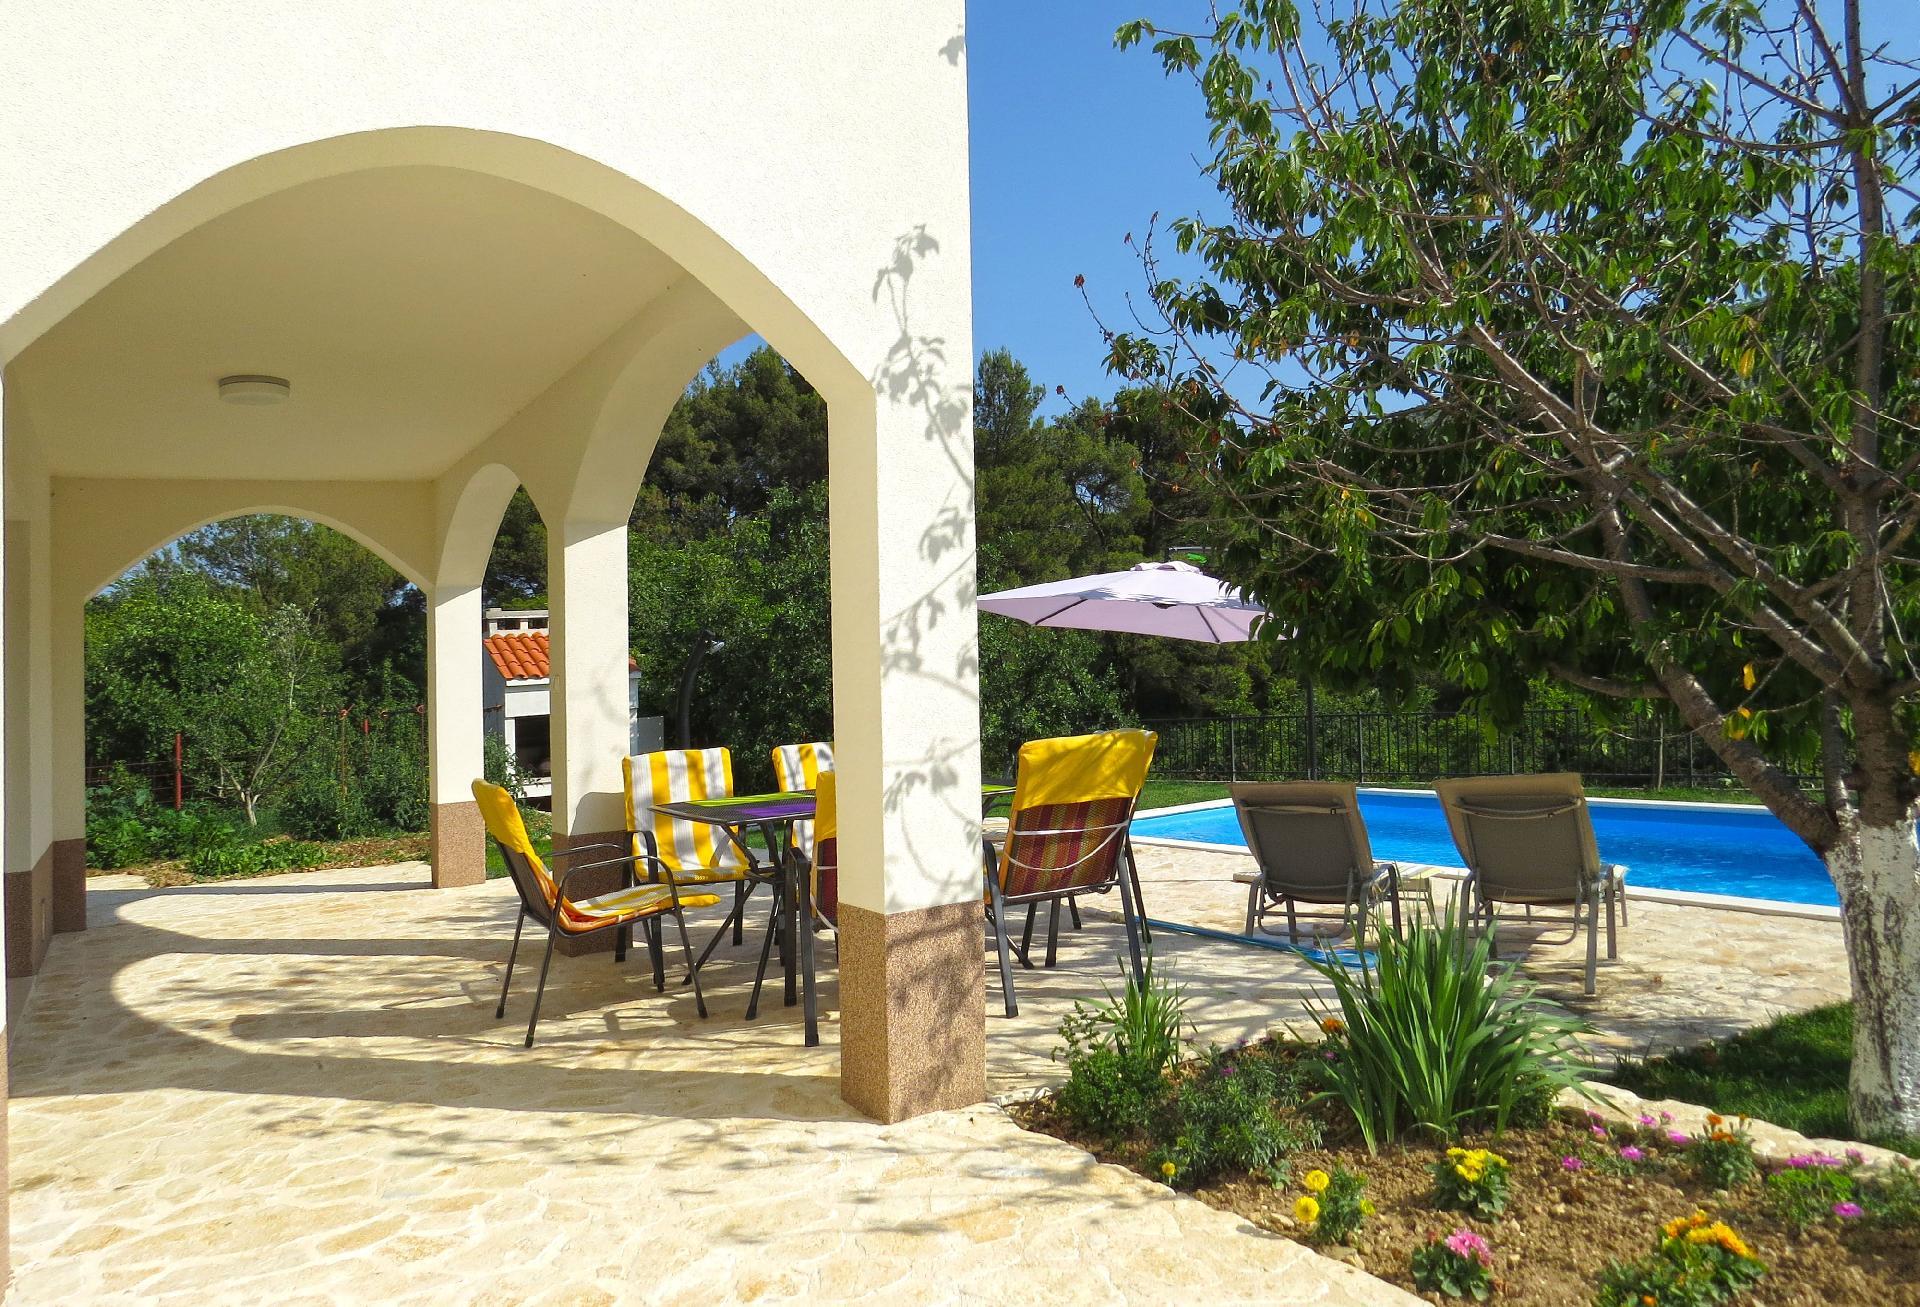 Ferienwohnung für 8 Personen ca. 120 m²   in Kroatien